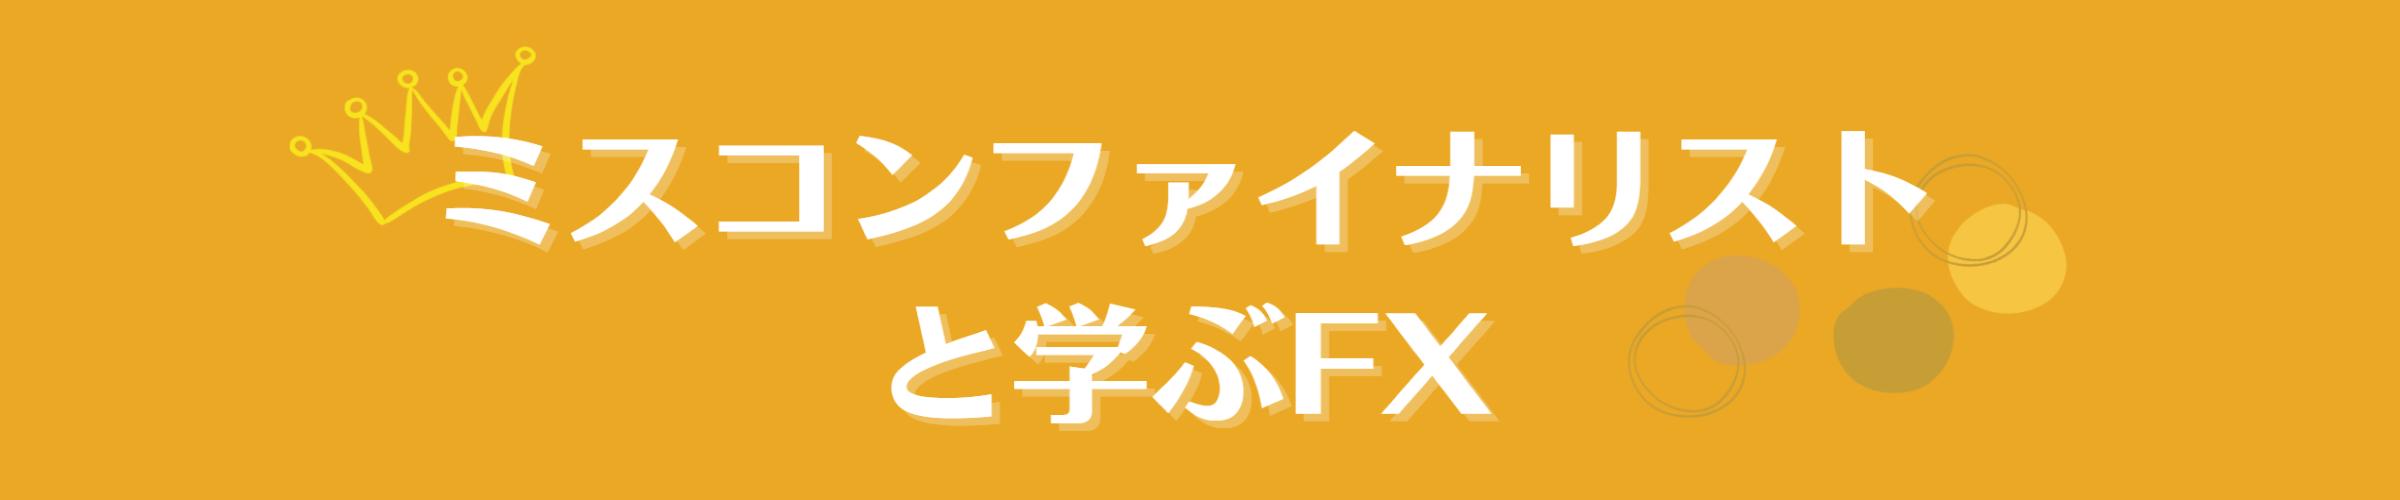 ミスコンファイナリストと学ぶFX